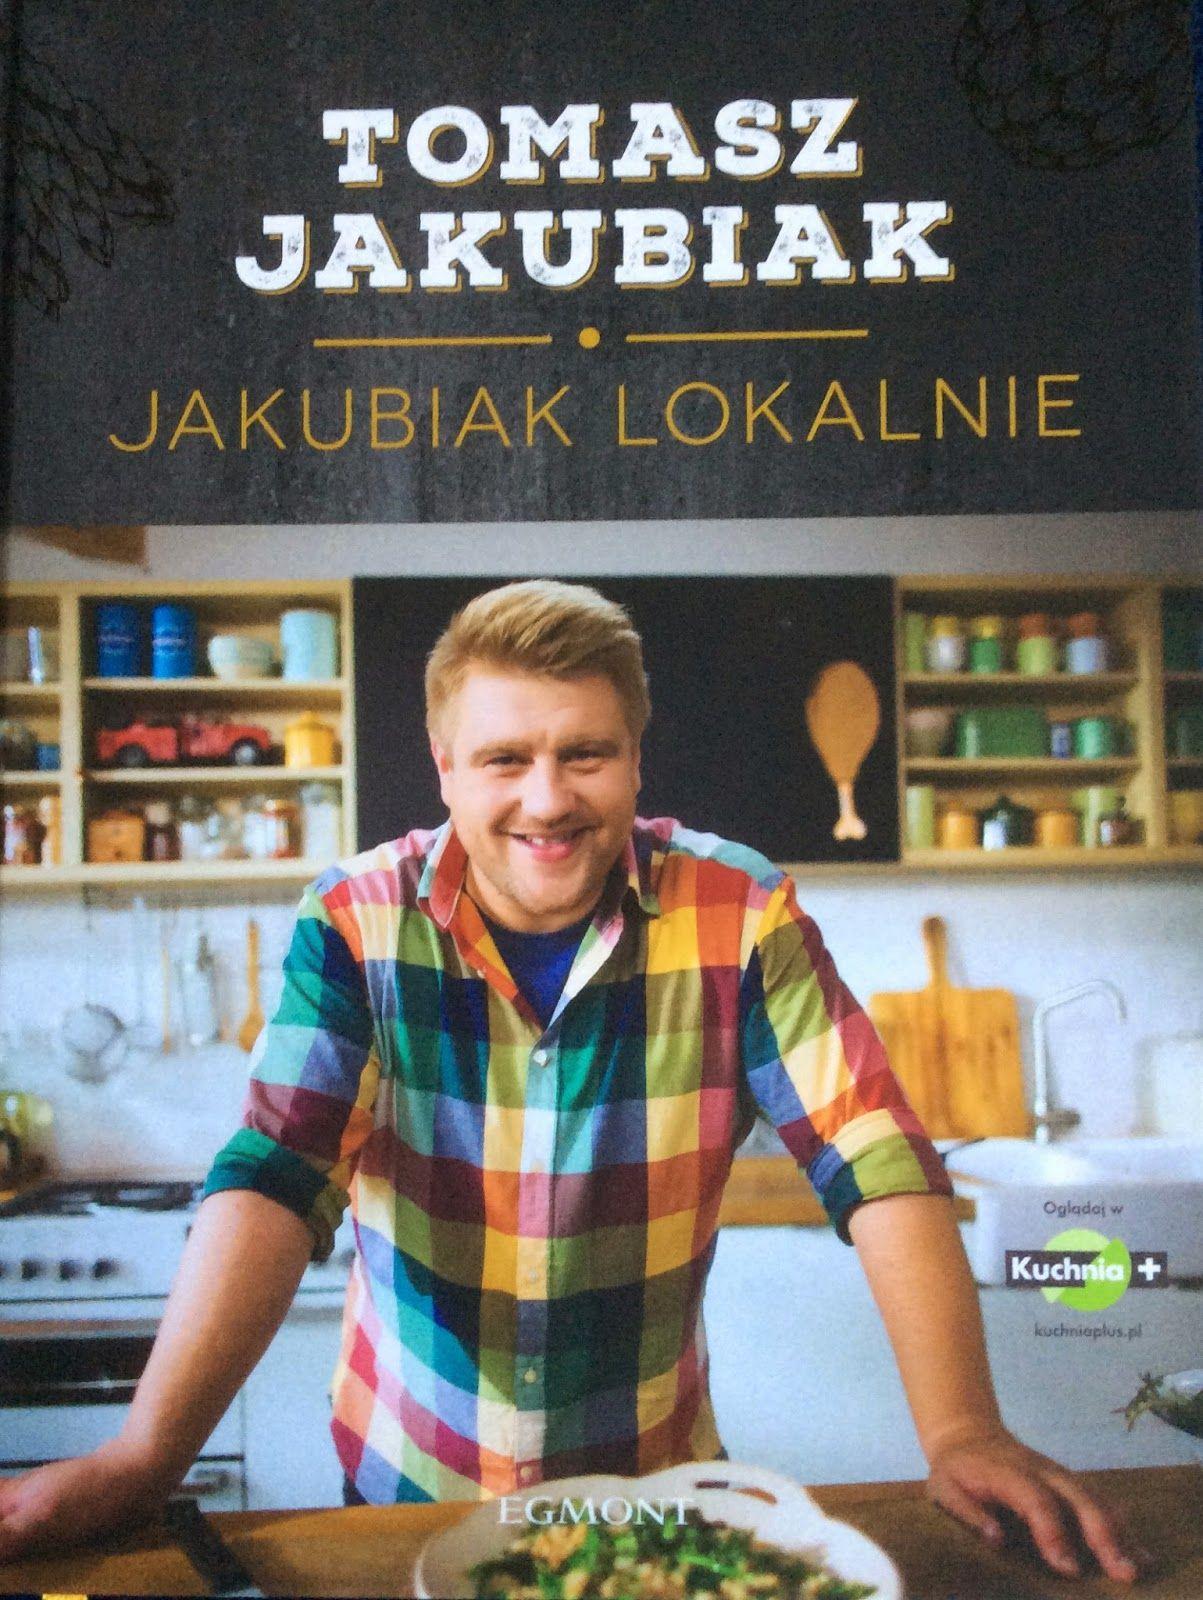 Jakubiak Lokalnie Tomasz Jakubiak Książka Kucharska